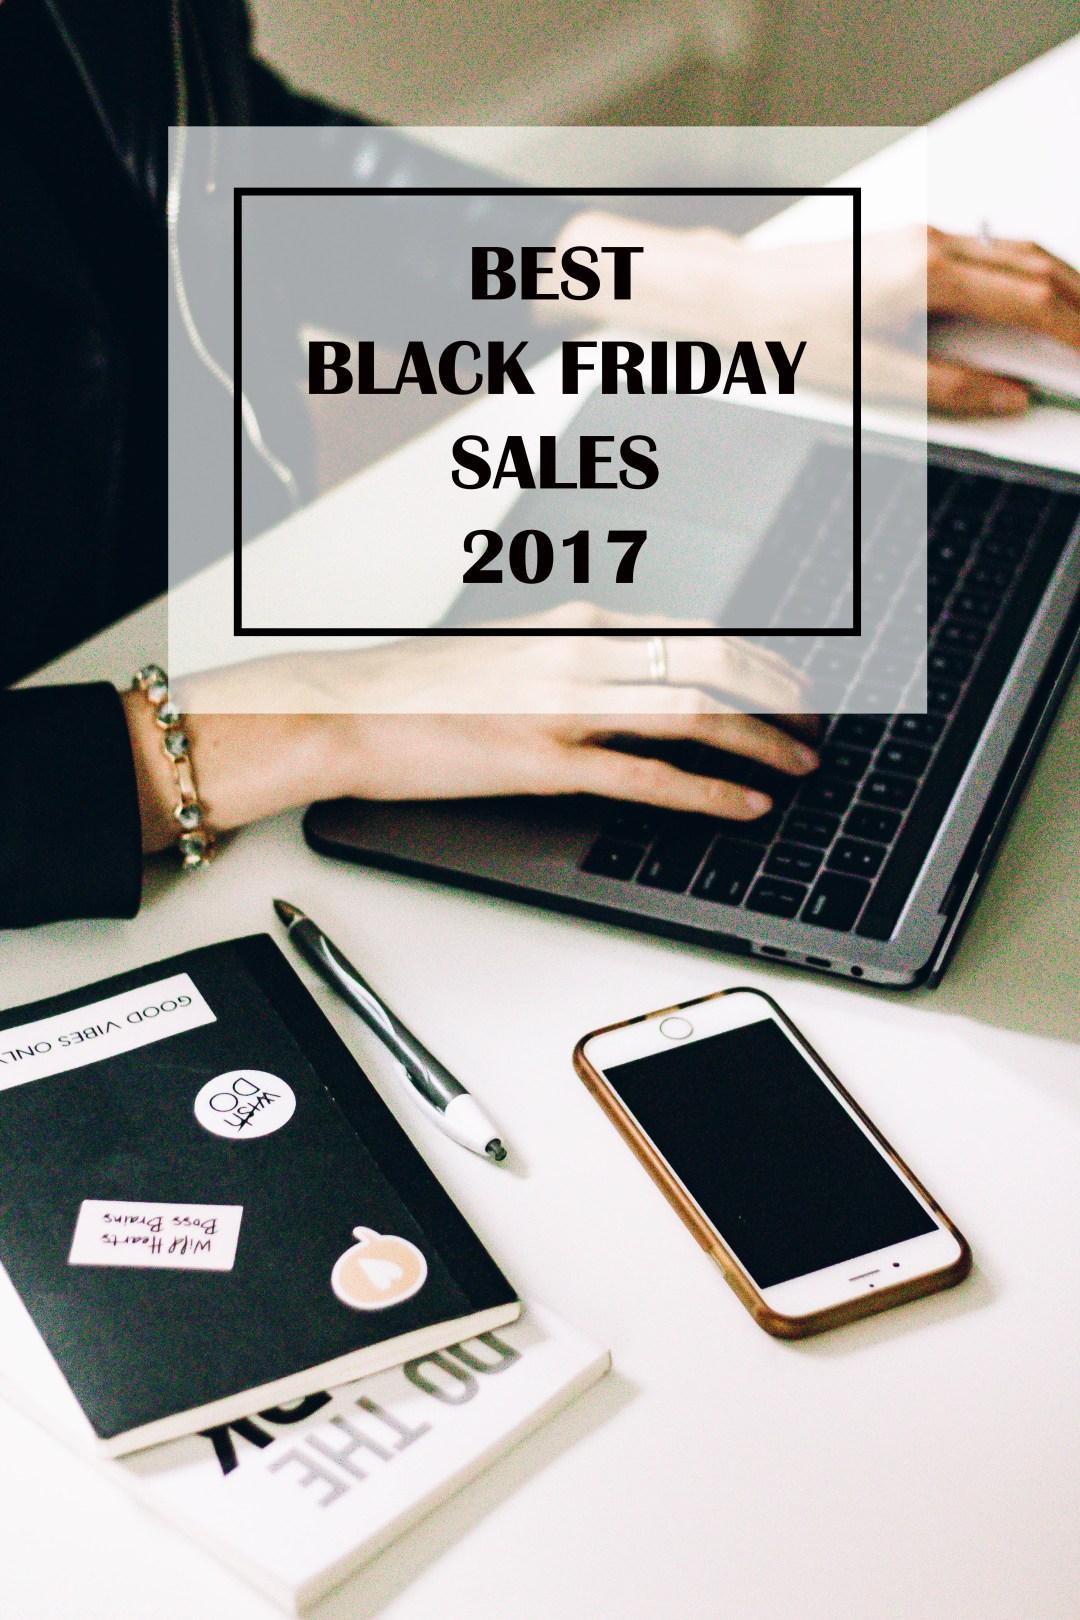 Favorite Black Friday Sales 2017 - www.viciloves.com - @viciloves1